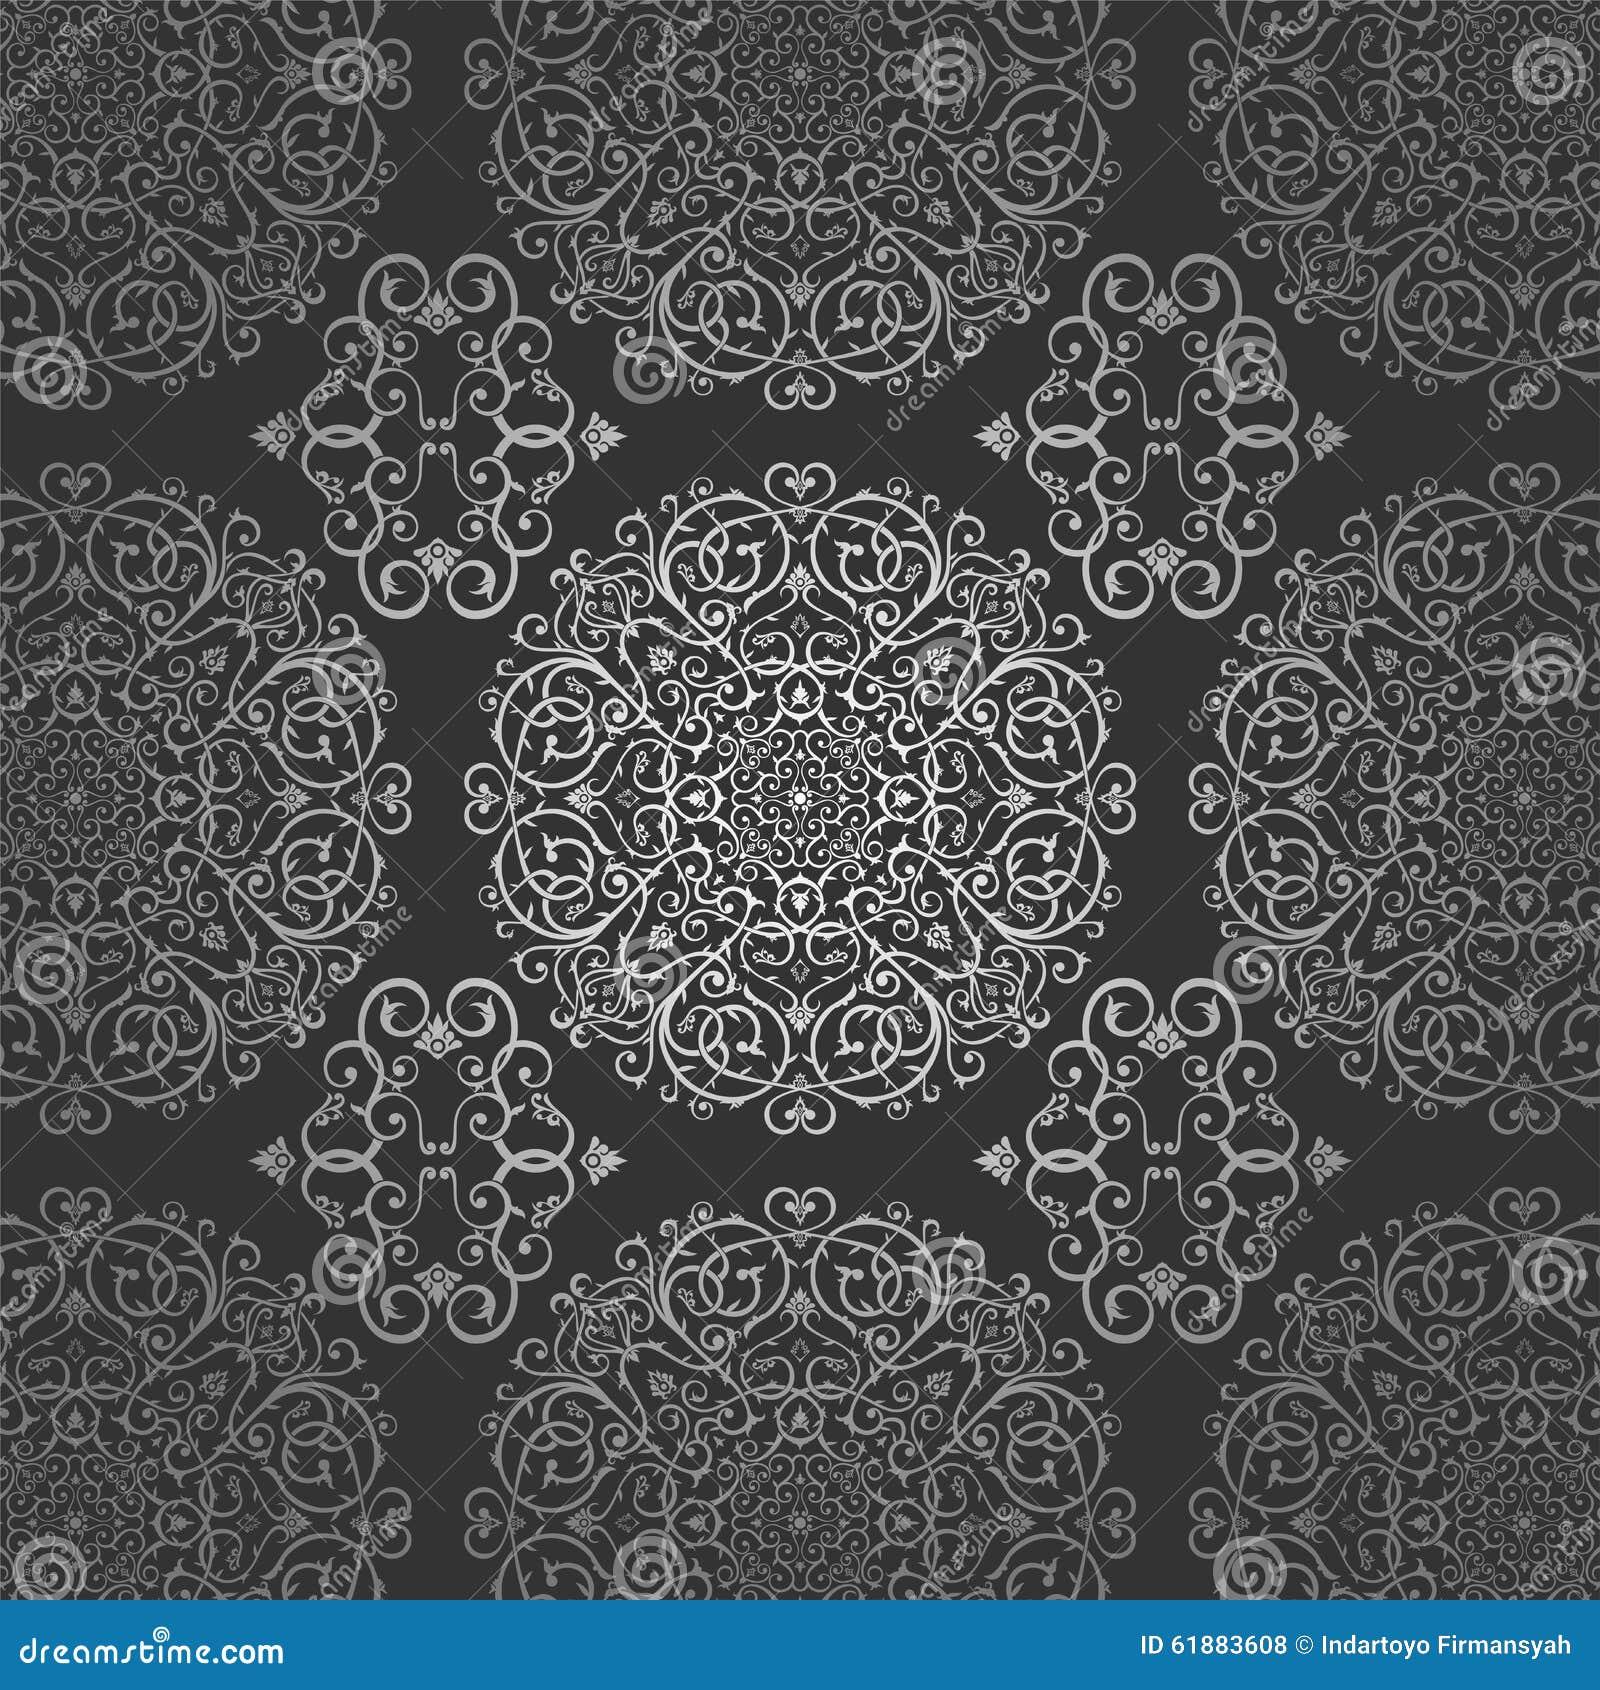 ornament van het de cirkel bloemen donkere zilveren patroon van de behang het arabische batik. Black Bedroom Furniture Sets. Home Design Ideas